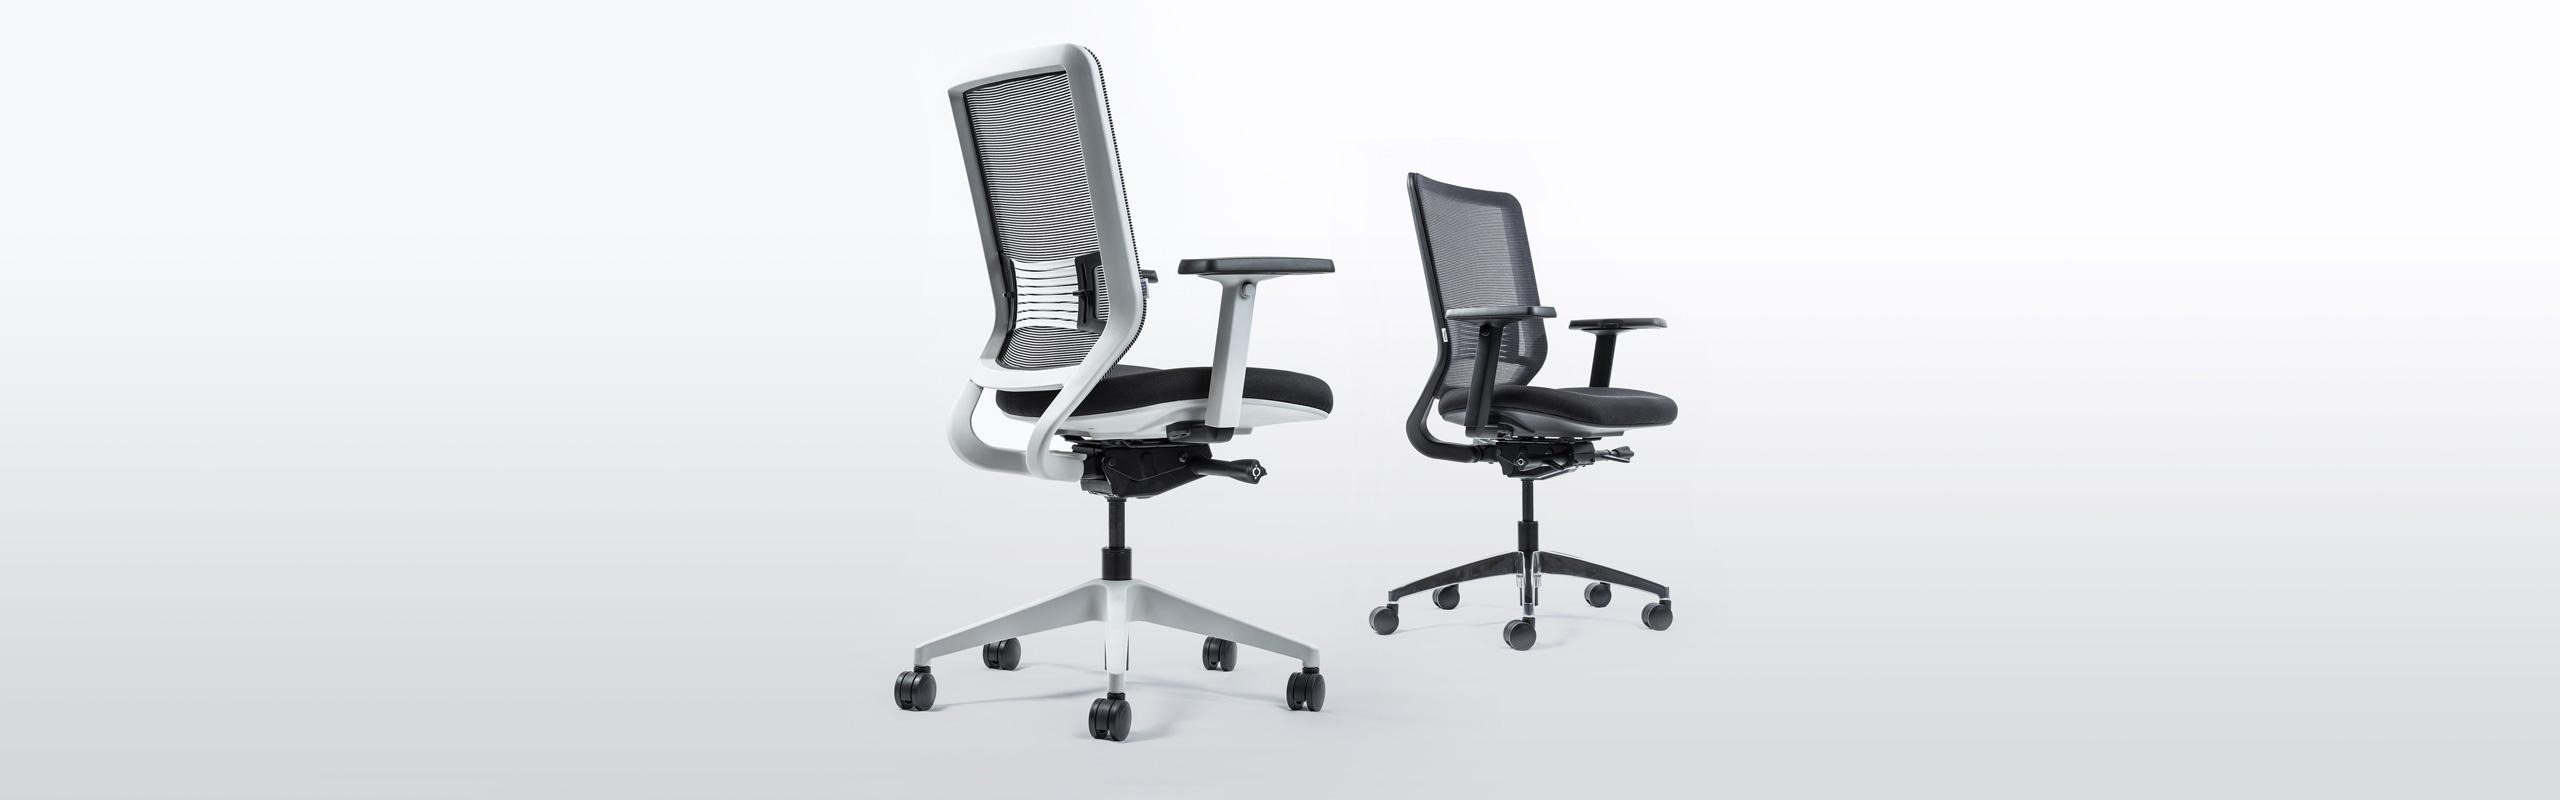 Ergonomisch Sitzen mit dem Yaasa Chair.